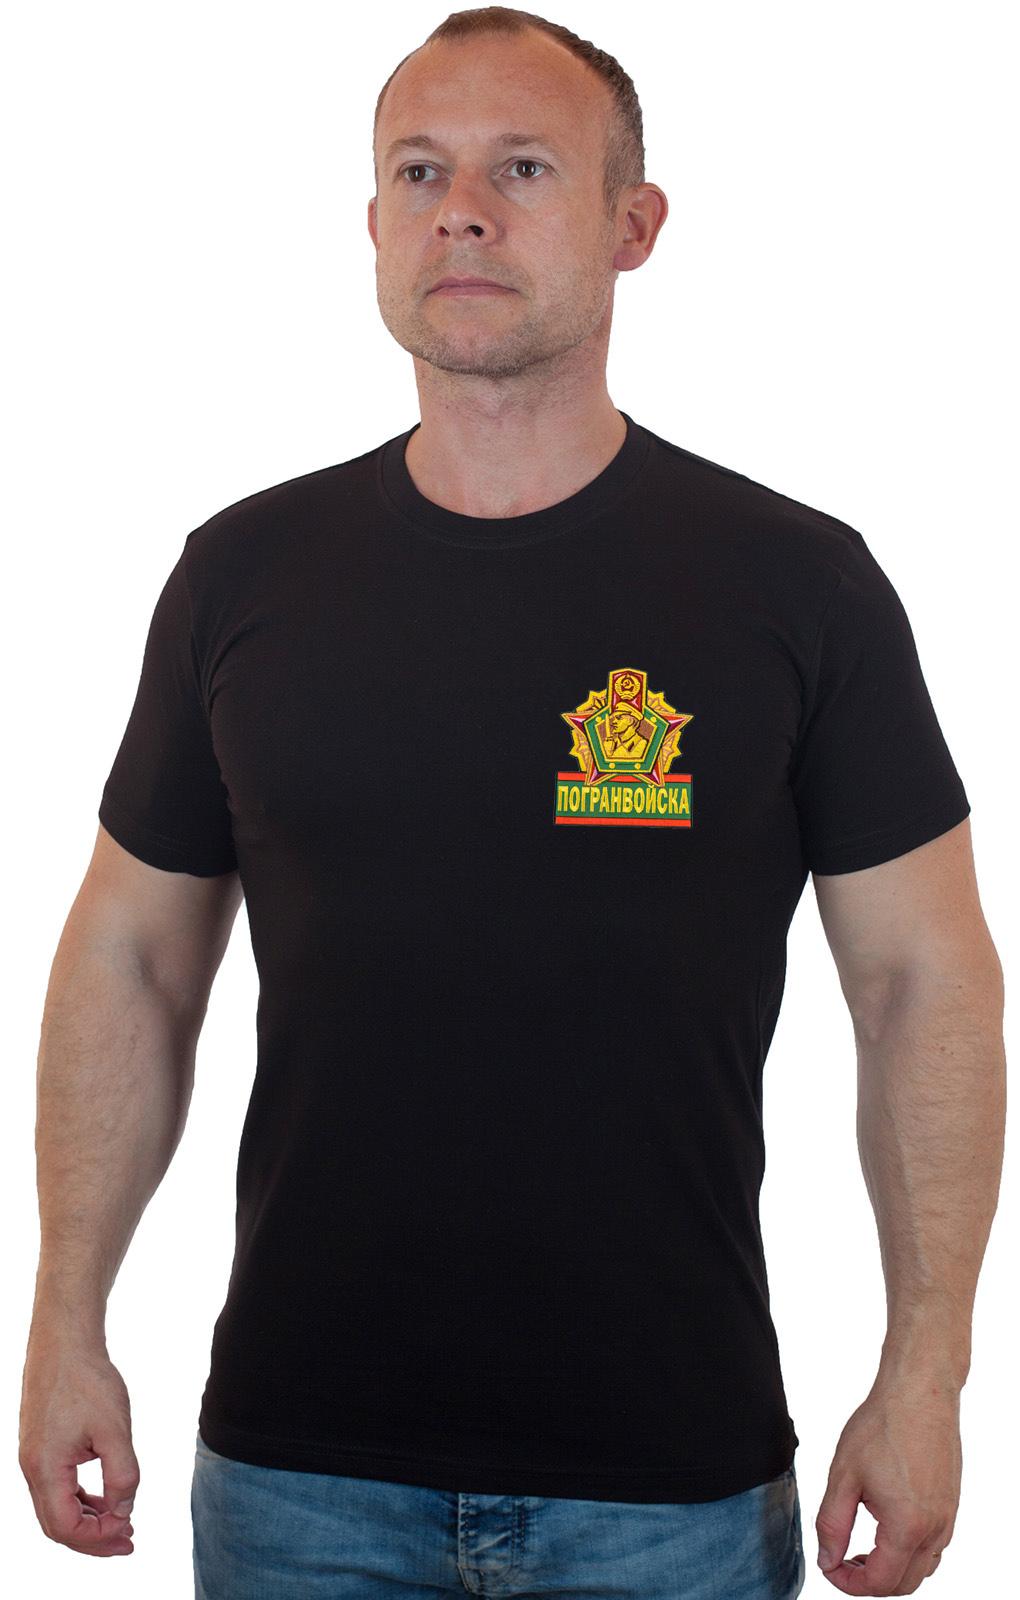 Черная мужская футболка пограничника – супер цена производителя